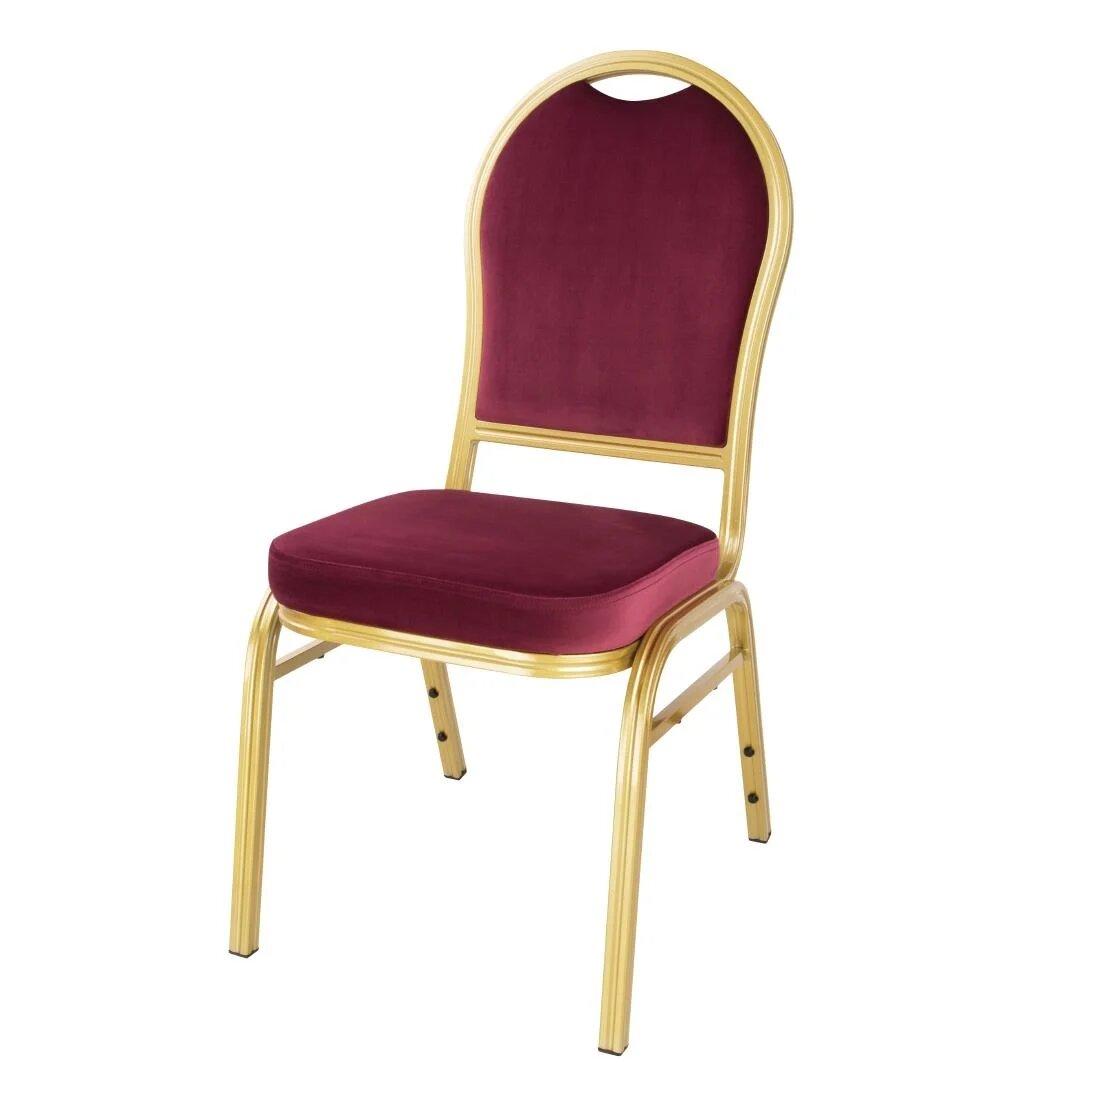 Banqueting Furniture